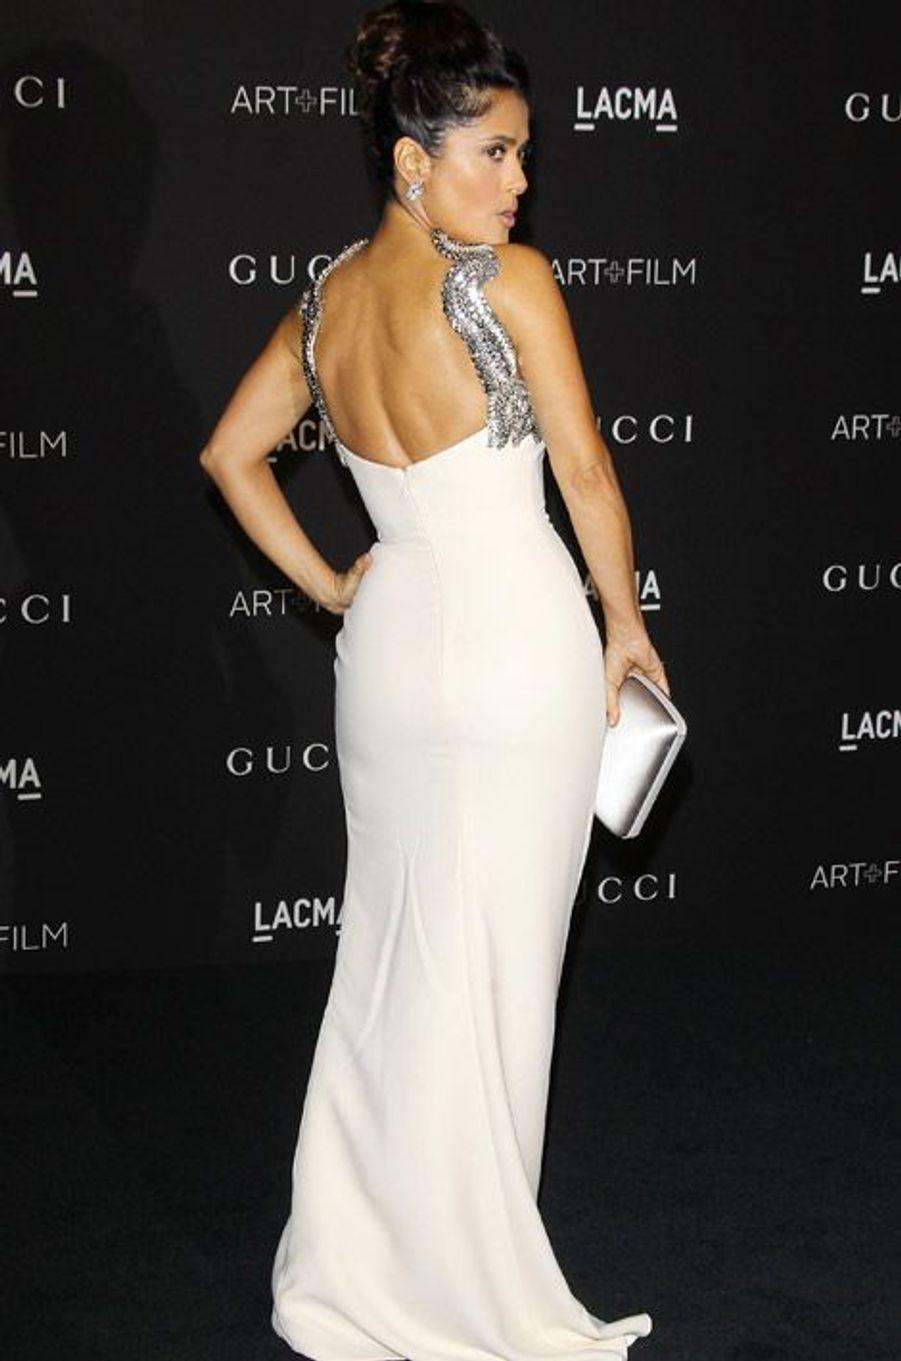 L'actrice Salma Hayek en Gucci lors d'un gala à Los Angeles, le 1er novembre 2014